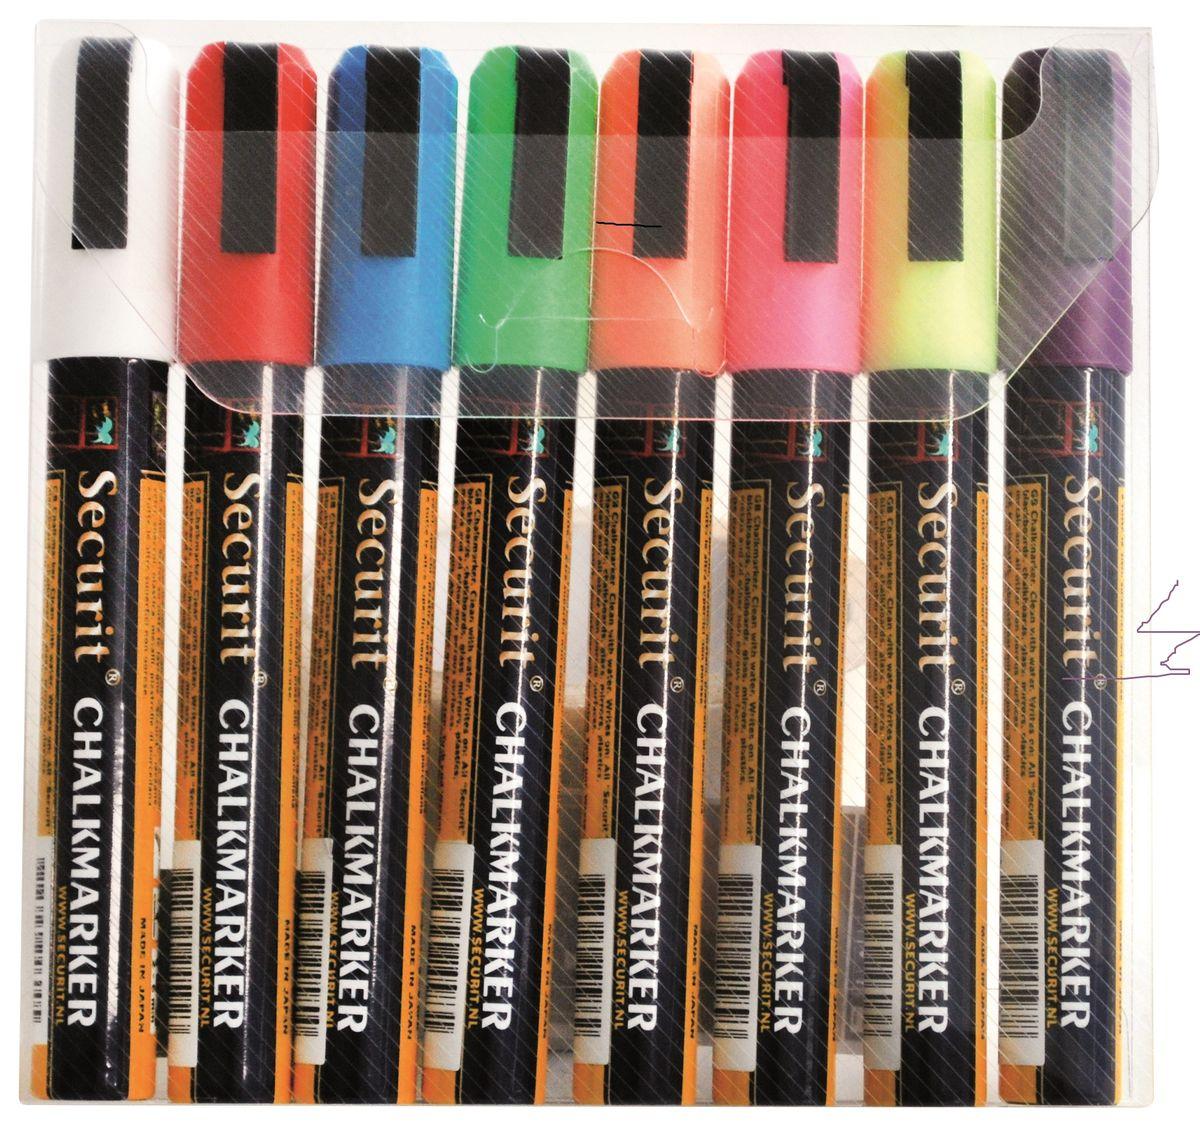 Маркеры для сообщений Securit 8 шт SMA510-V8-ETSMA510-V8-ETНабор из 8 меловых маркеров. Меловые маркеры позволяют наносить стираемые надписи на любые поверхности - стекло, пластик, дерево или специальные покрытия и доски. Толщина линии 5 мм. В комплекте маркеры зелёного, желтого, фиолетового, синего, розового, красного, белого и оранжевого цветов.